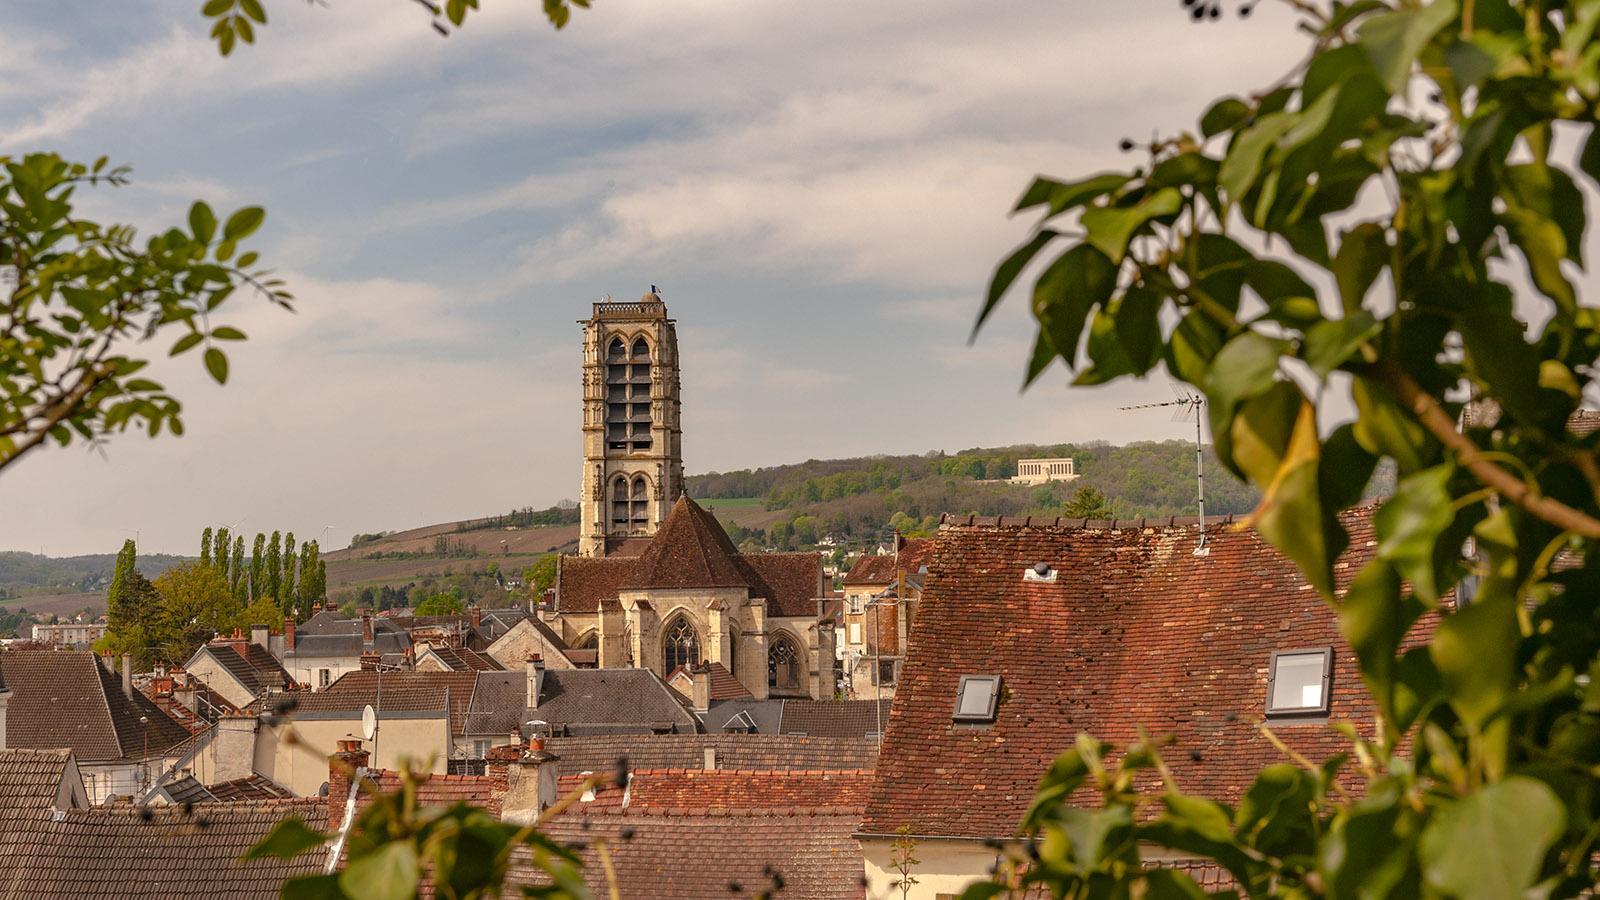 Château-Thierry: die Aussicht vom Burghügel. In der Ferne: das amerikanische Ehrenmal. Foto: Hilke Maunder